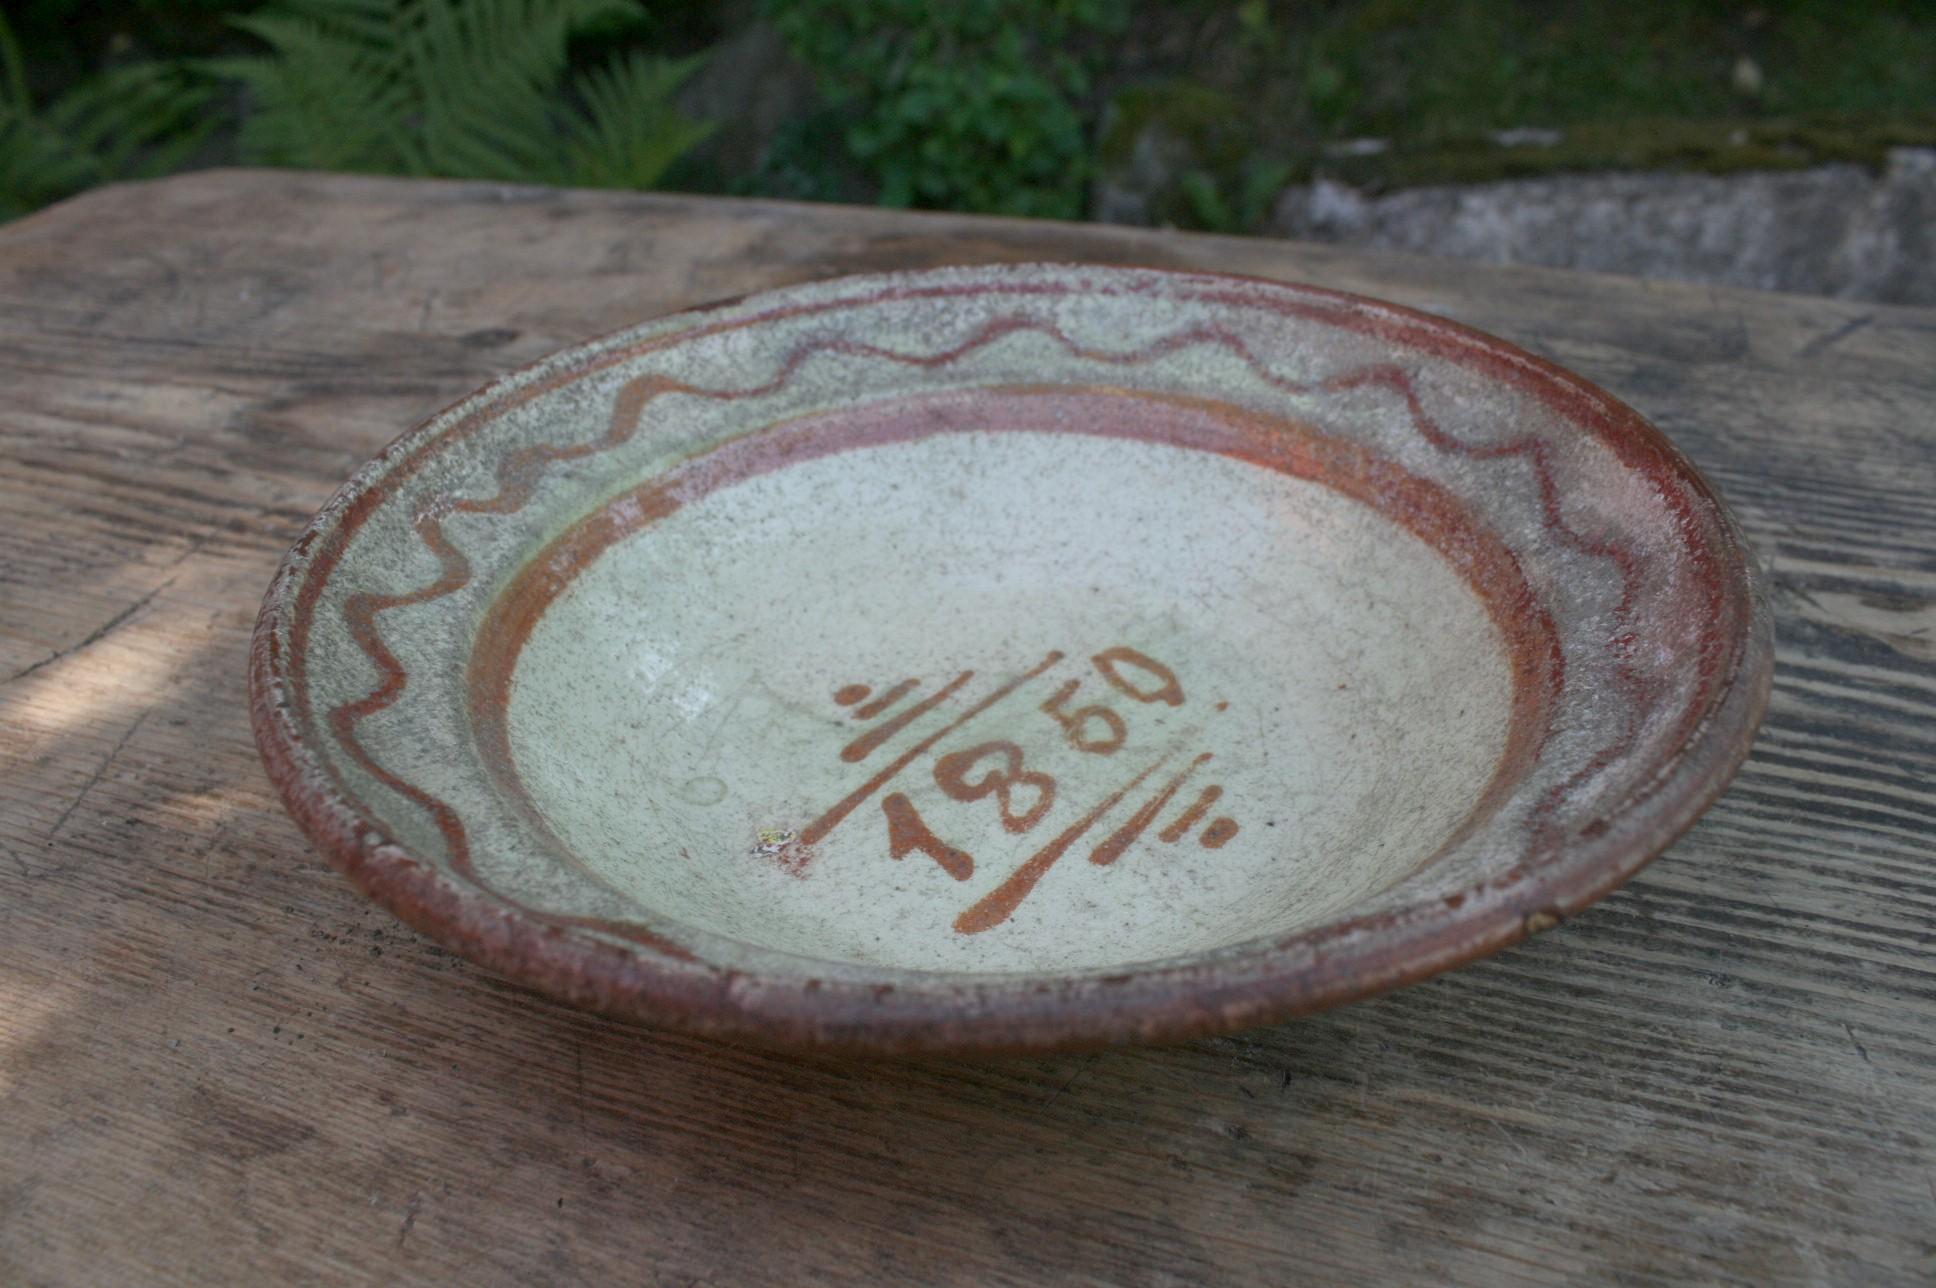 Flot helt lertøjs skål dateret 1850.